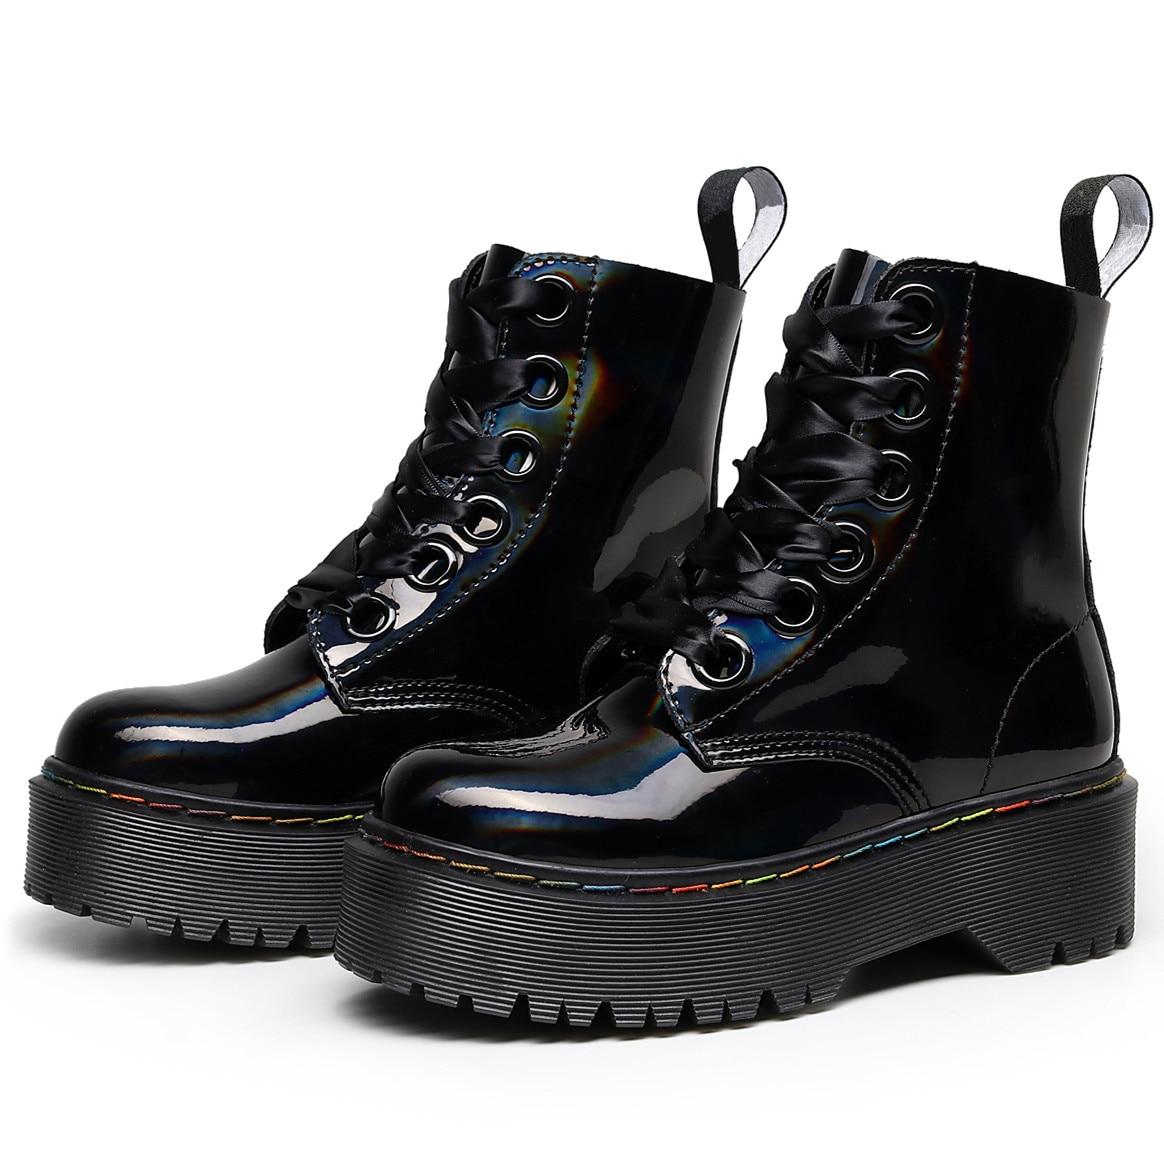 Женские ботильоны 2021, зимние ботинки, женские зимние Ботинки на каблуке и платформе, женские кожаные ботинки на плоской подошве